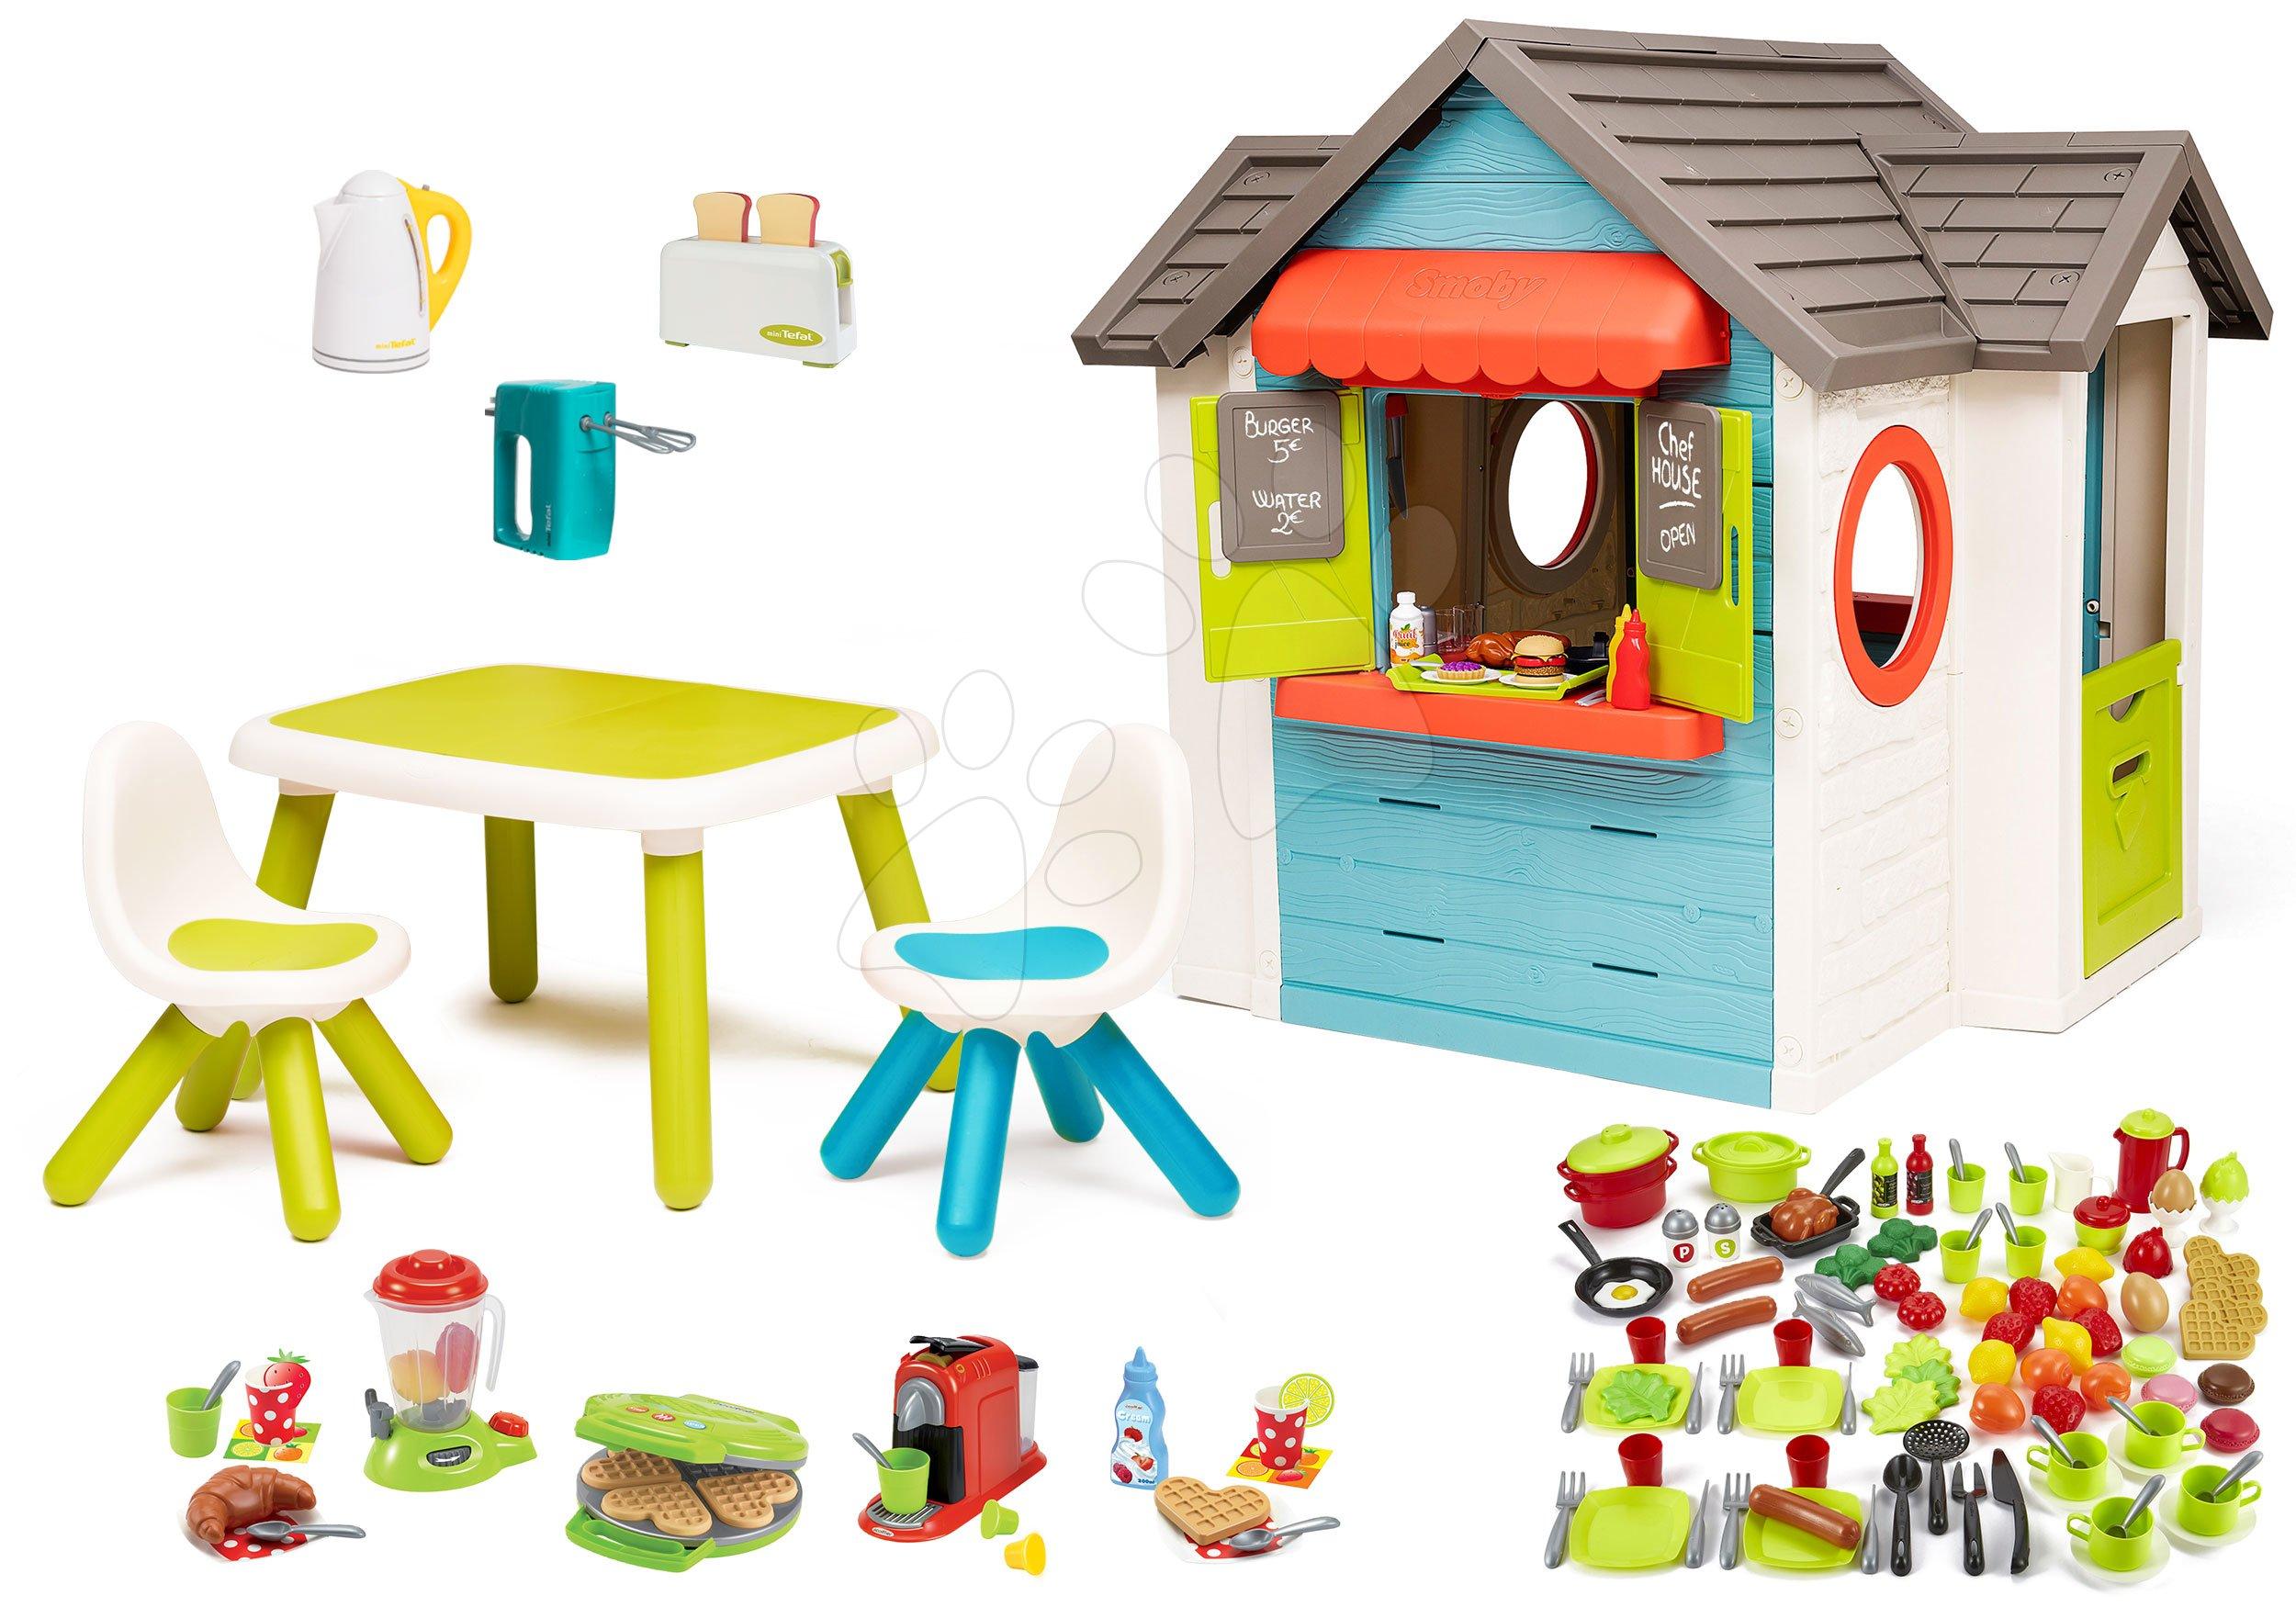 Set domeček se zahradní restaurací Chef House DeLuxe Smoby a se stolem a židlemi a spotřebiče s potravinami